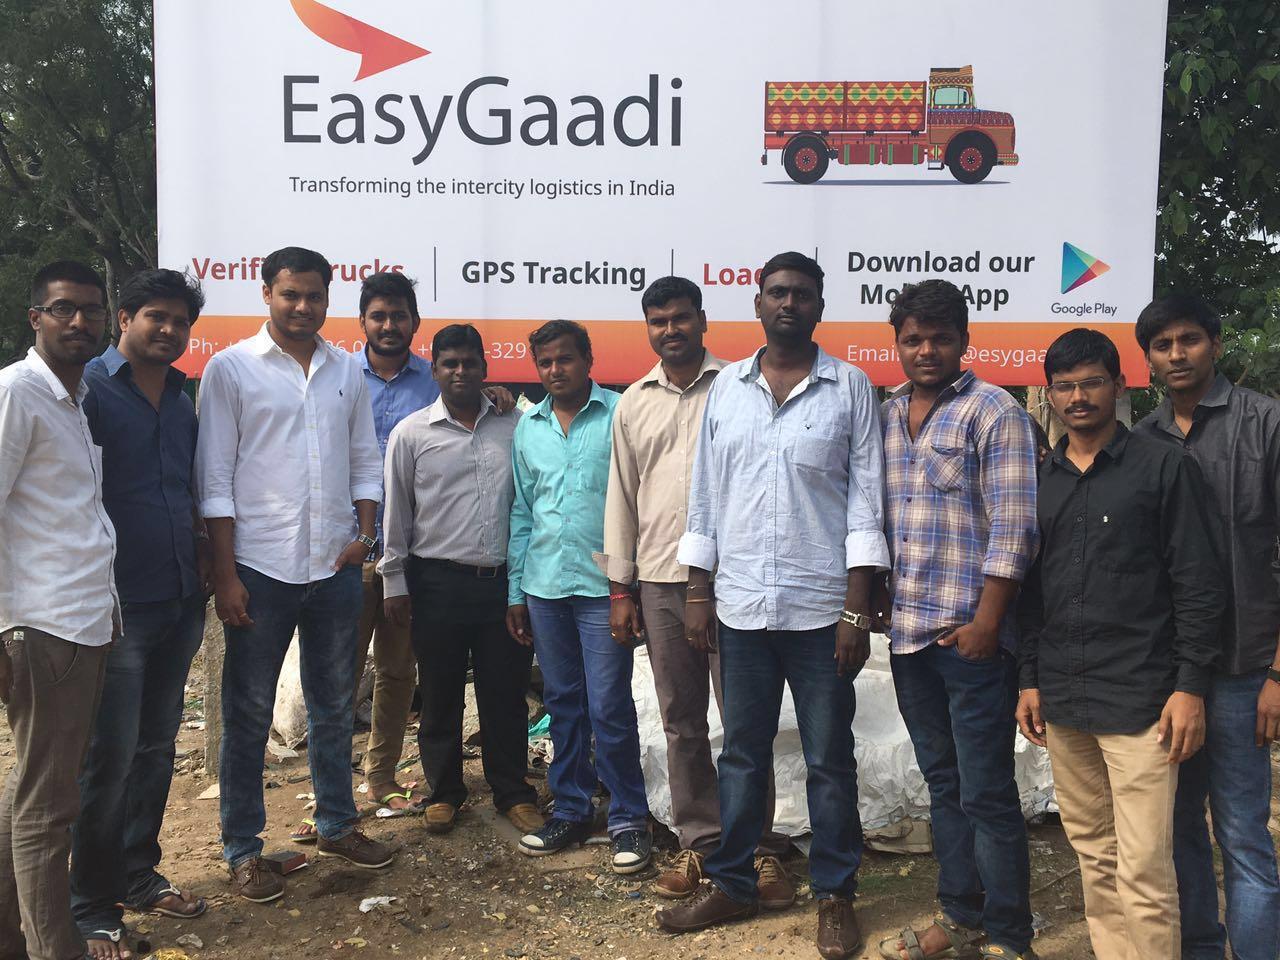 EasyGaadi